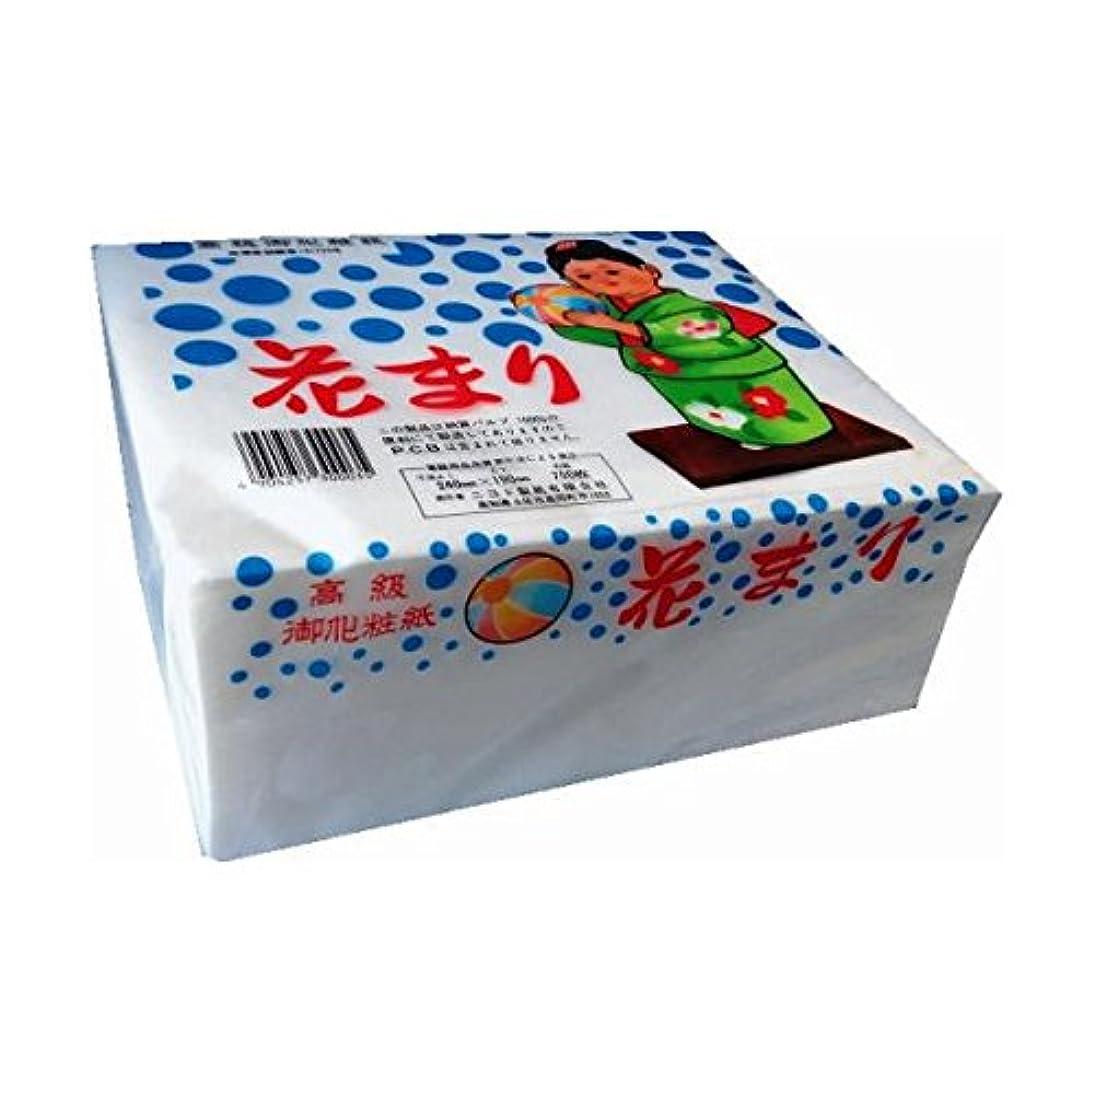 ラショナル肉農村ニヨド製紙:高級御化粧紙 花まり 700枚 5個 4904257300035b